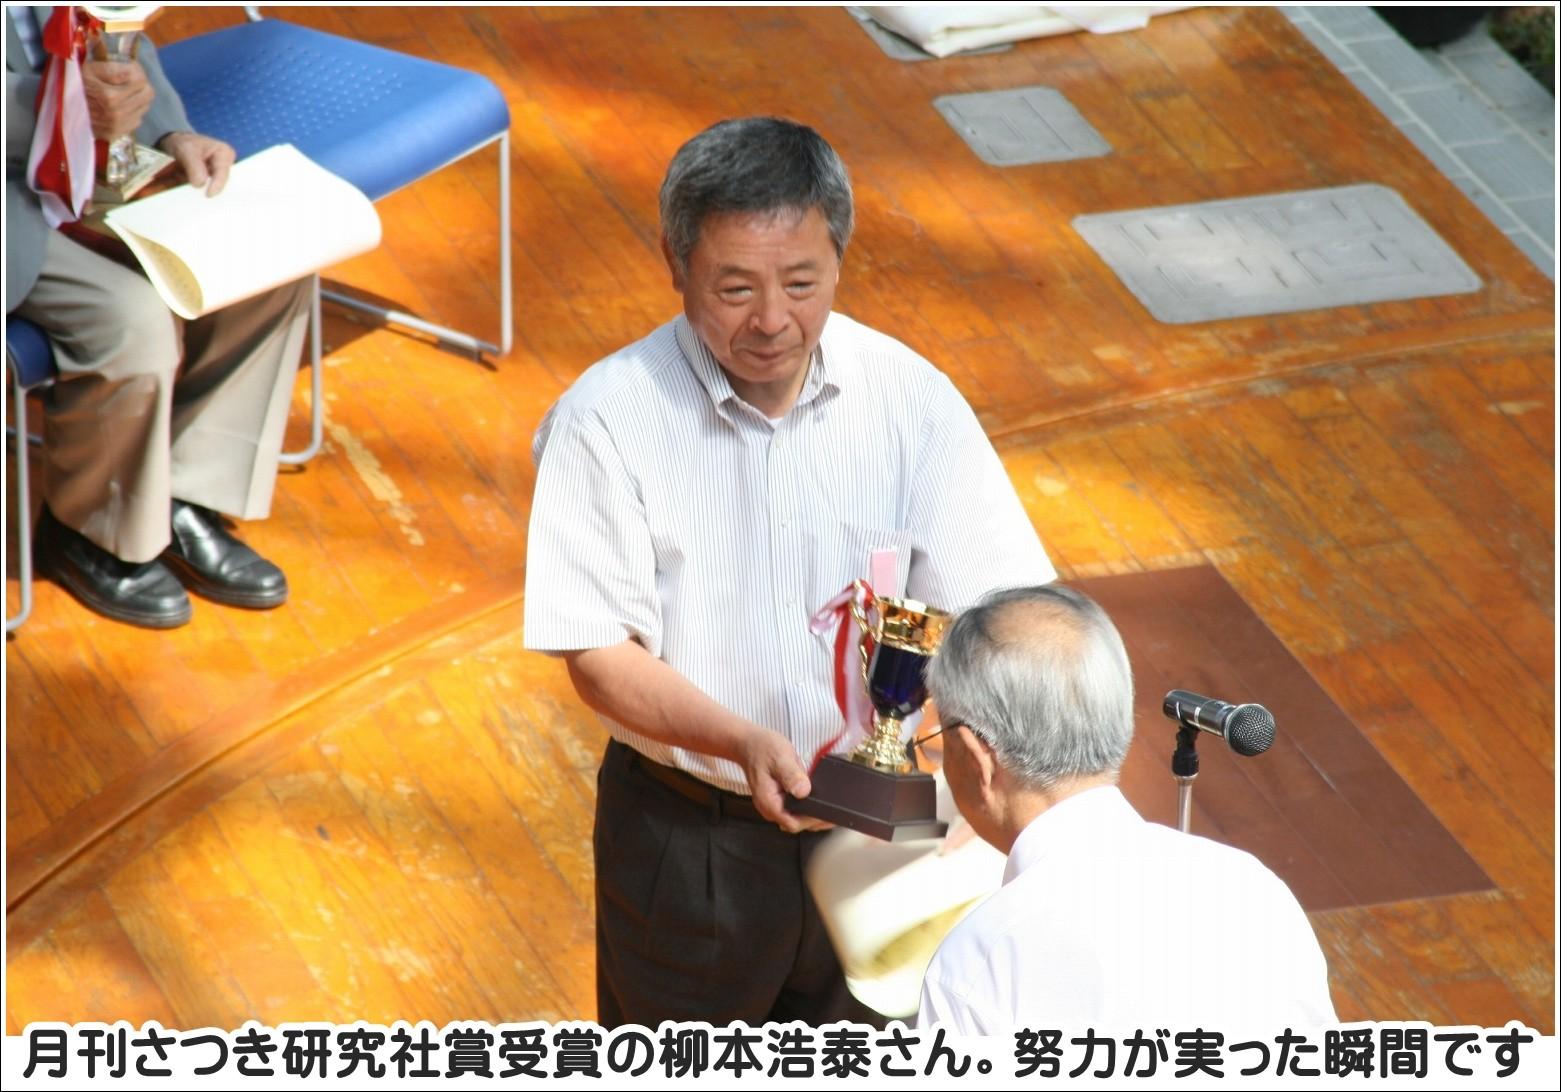 月刊さつき研究社賞受賞の柳本浩泰さん。努力が実った瞬間です